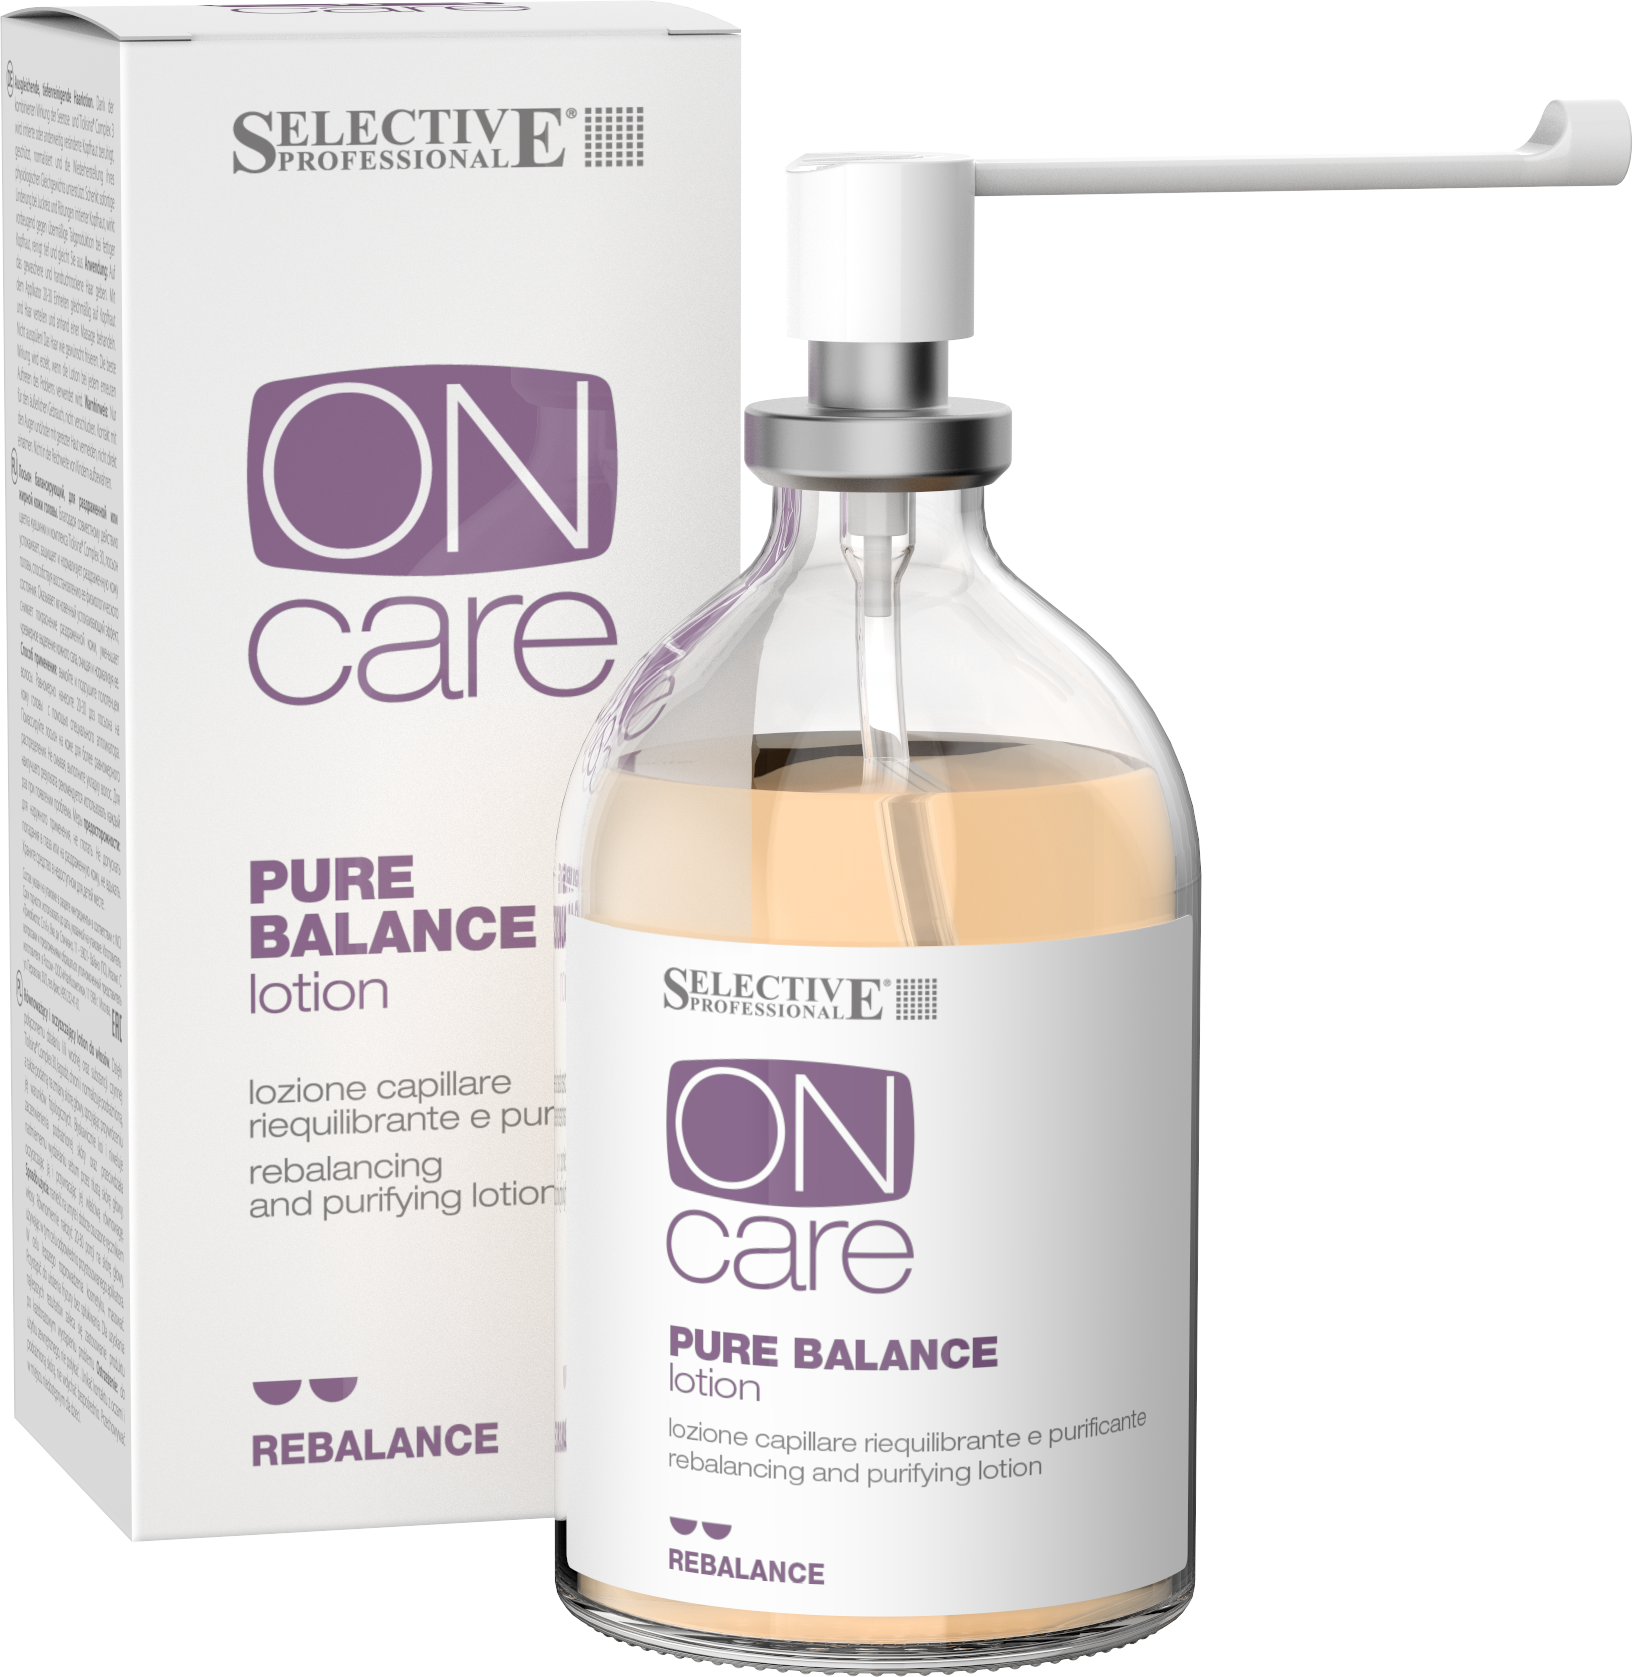 SELECTIVE PROFESSIONAL Лосьон балансирующий, для раздраженной или жирной кожи головы / On Care Rebalance 100 мл от Галерея Косметики